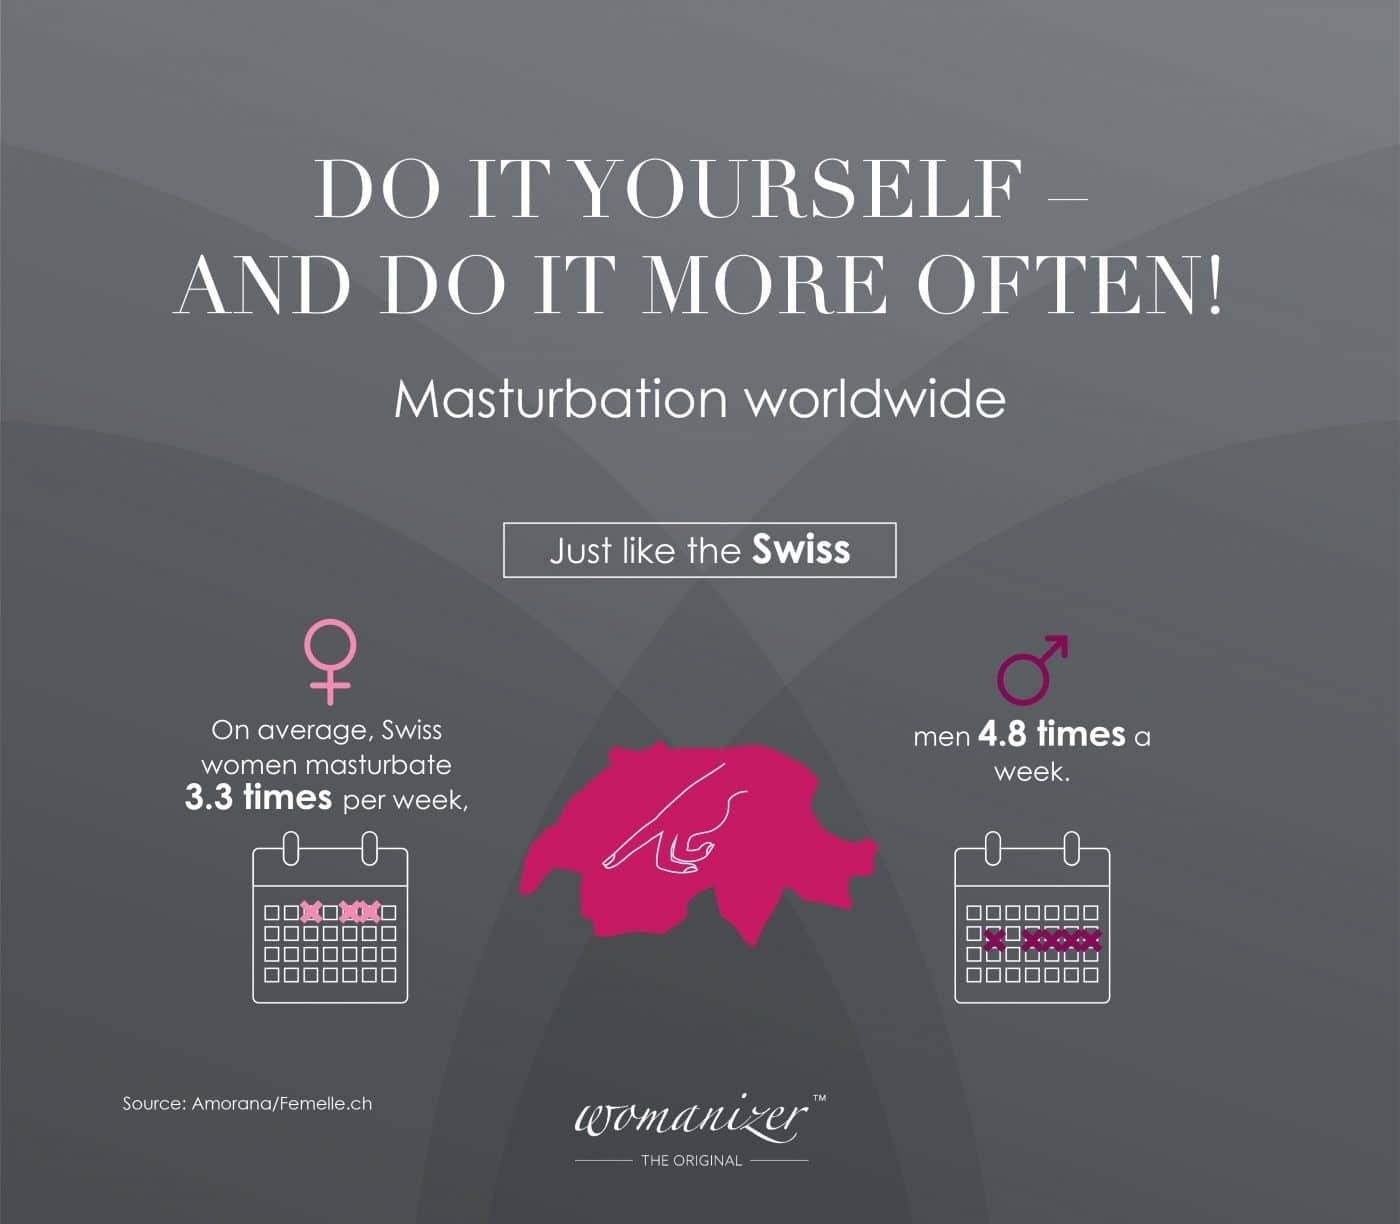 # I Masturbate